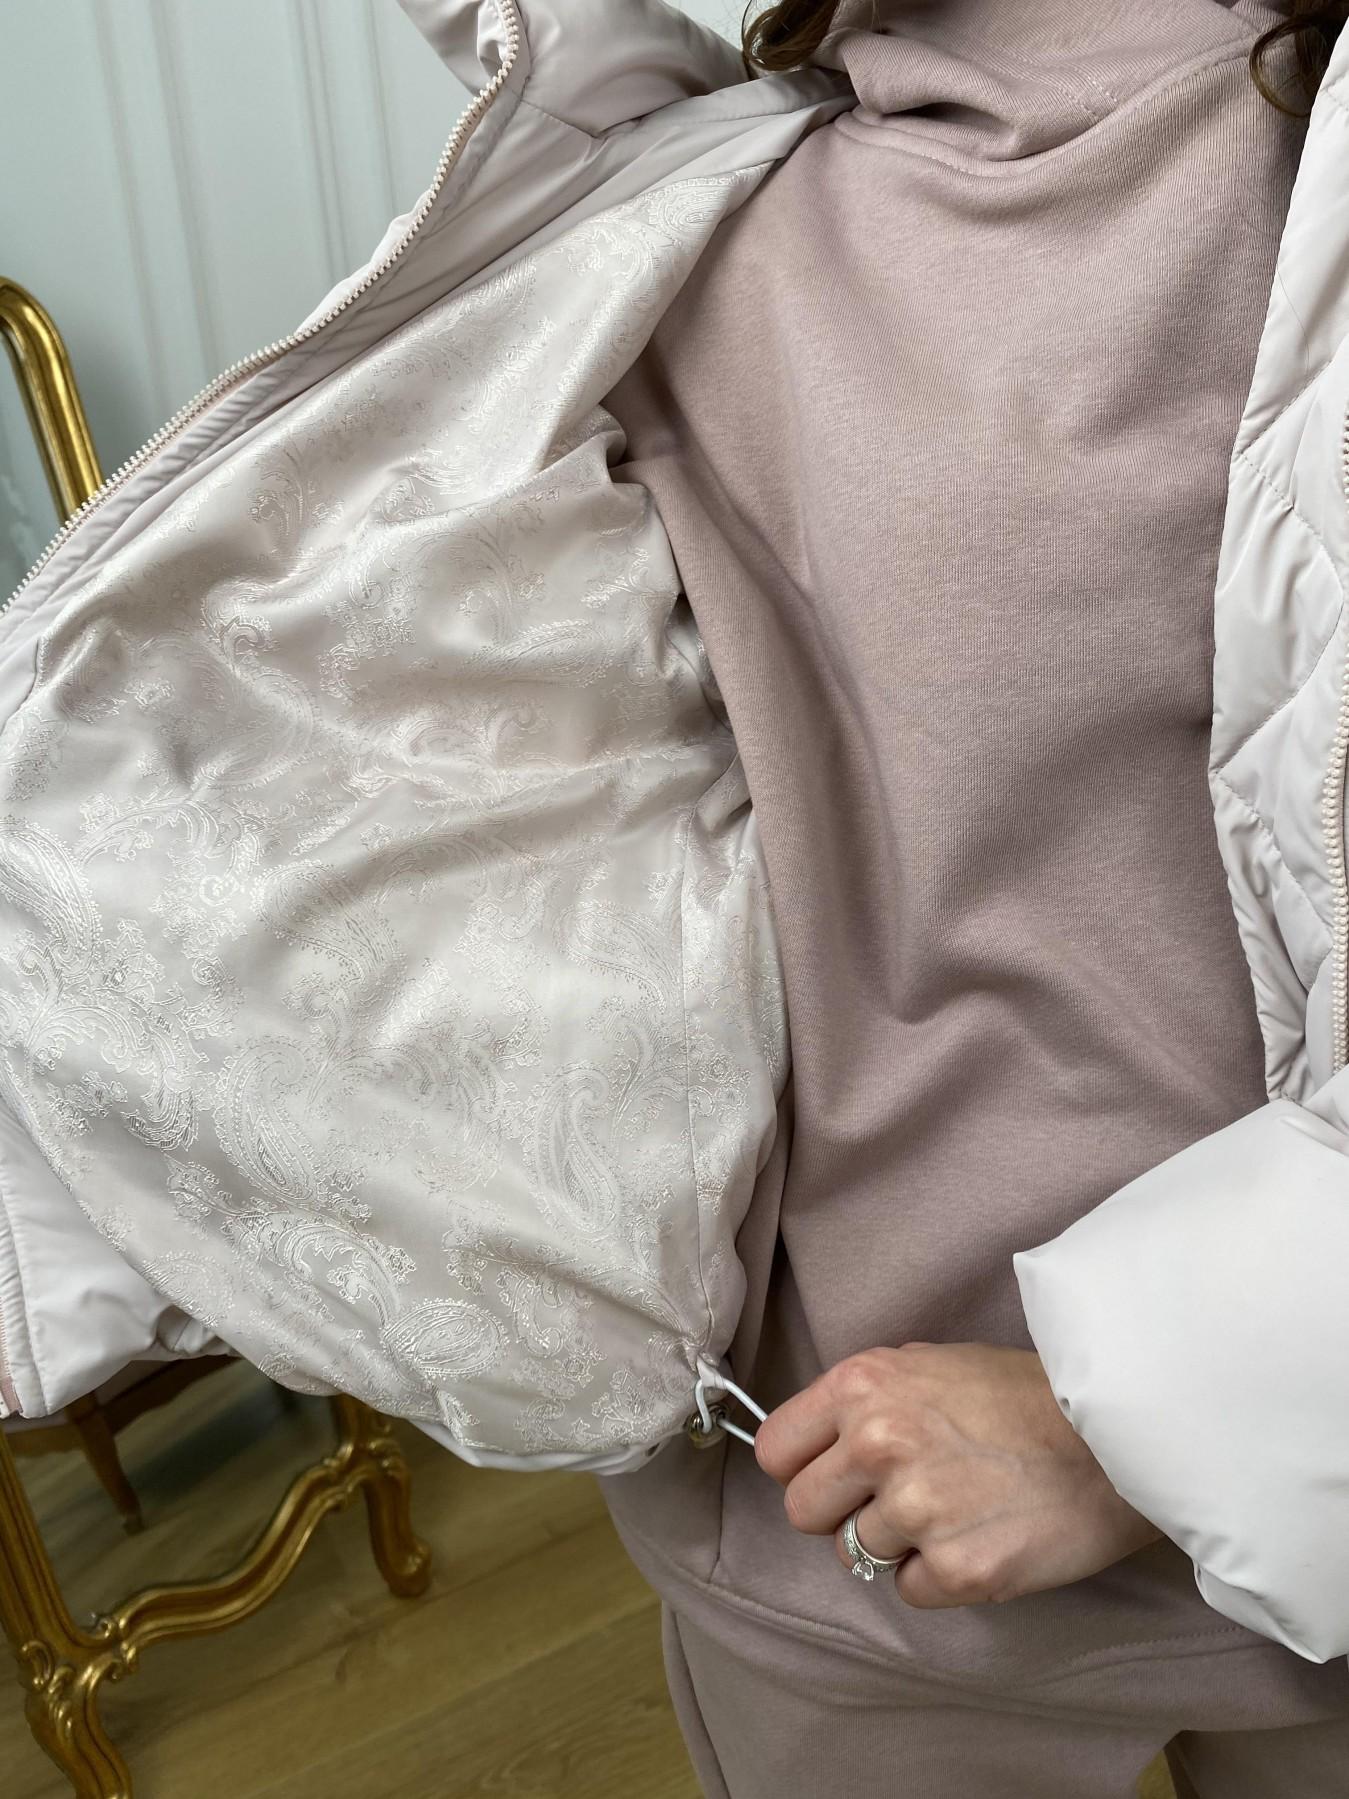 Нокс куртка из плащевой ткани 10535 АРТ. 46973 Цвет: Молоко 970 - фото 8, интернет магазин tm-modus.ru